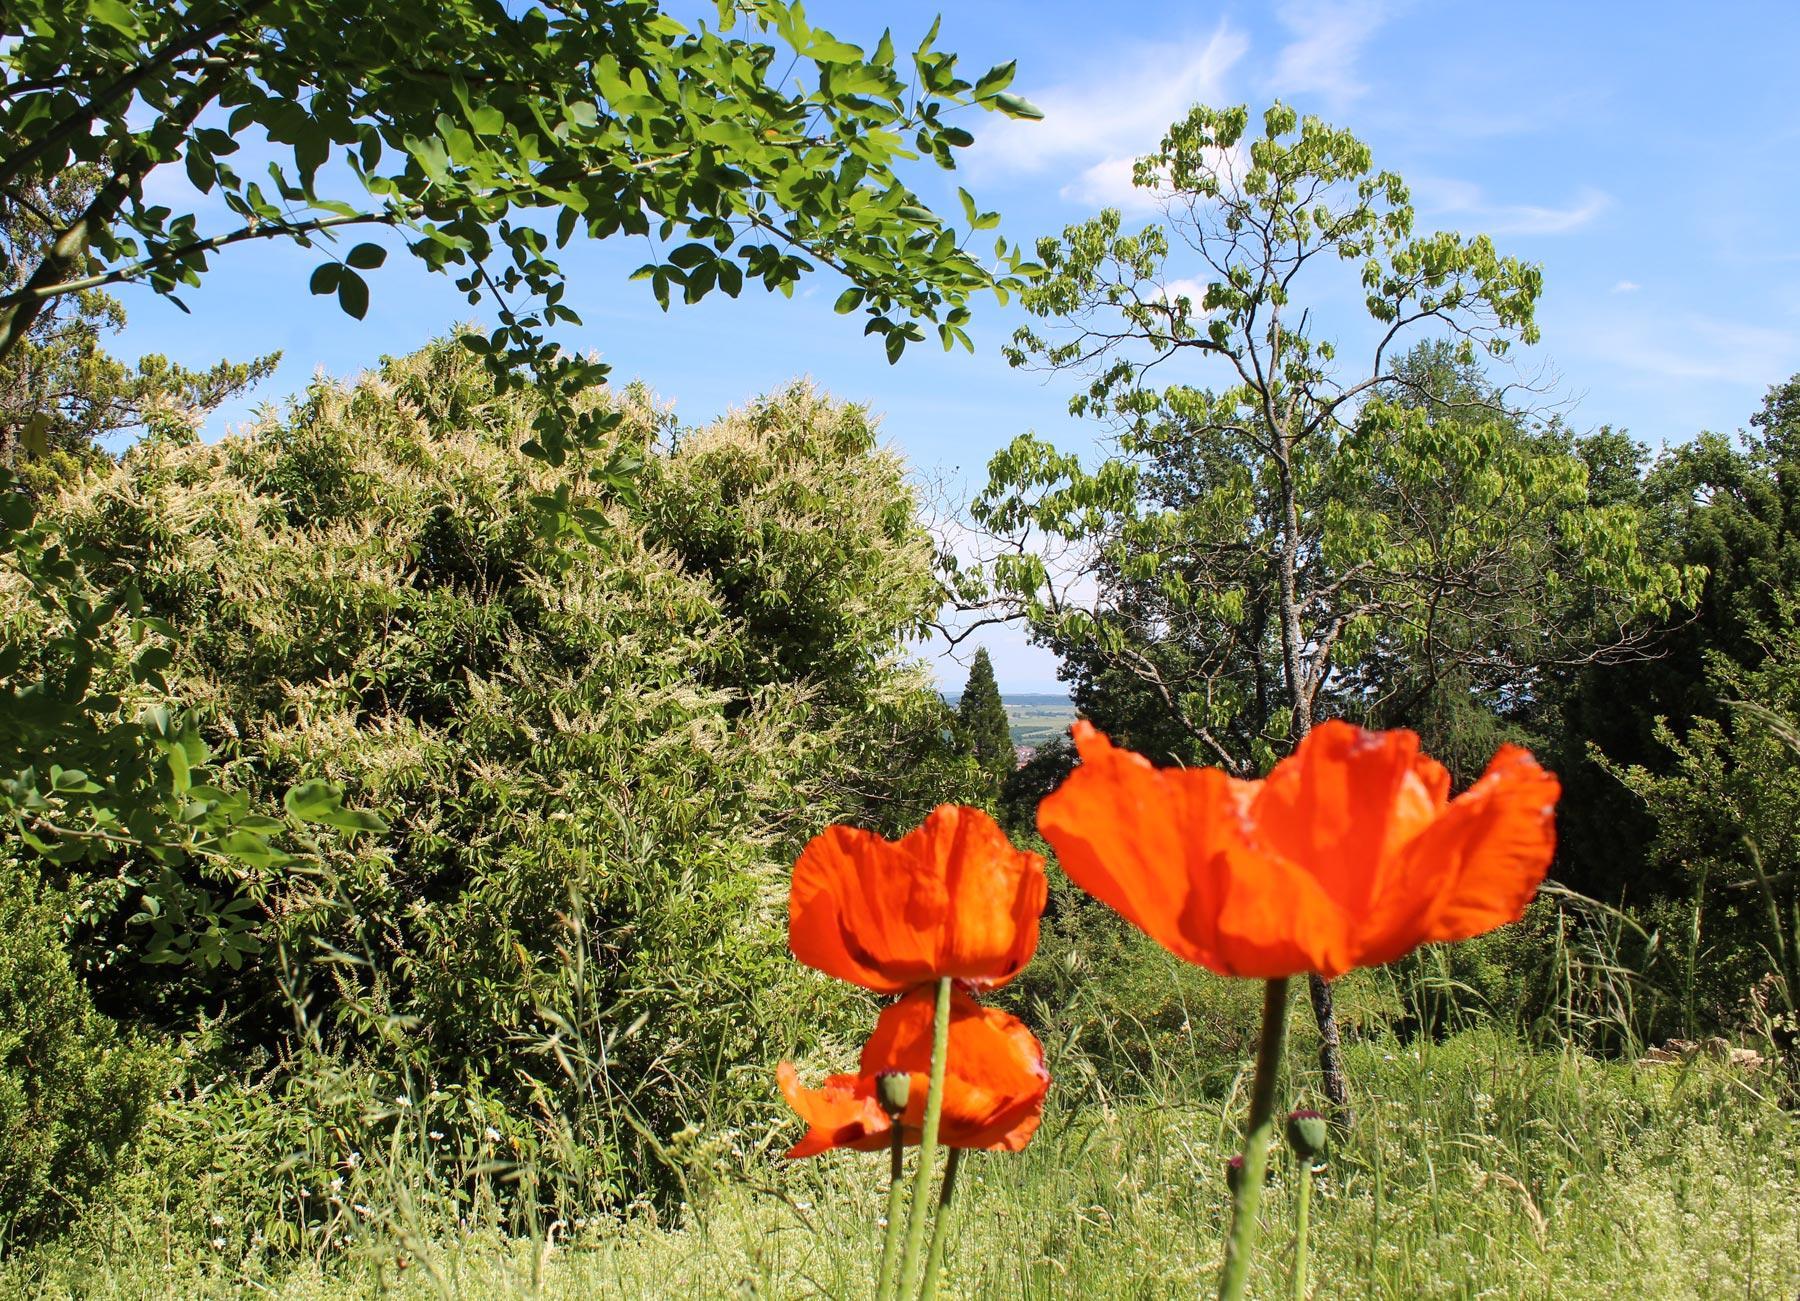 Visite guid e jardin botanique neuwiller l s saverne for Amis jardin botanique